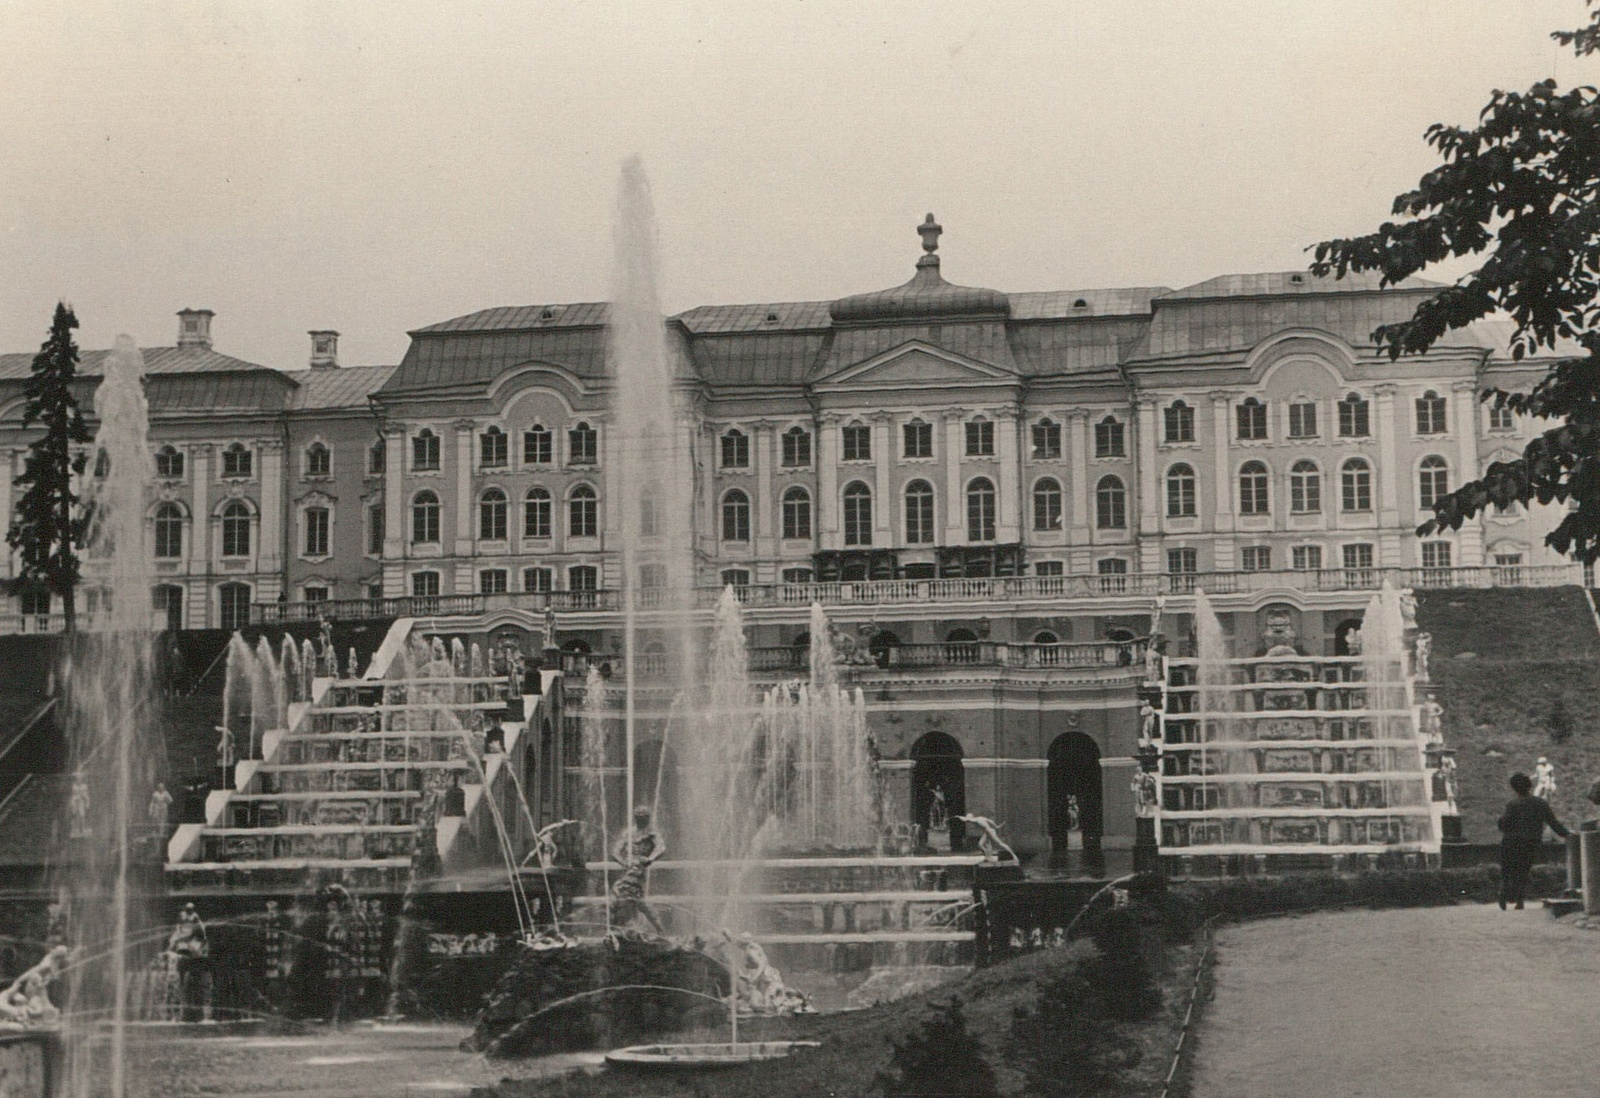 Петергоф. Большой дворец. Вид на Большой каскад с фонтаном Самсон